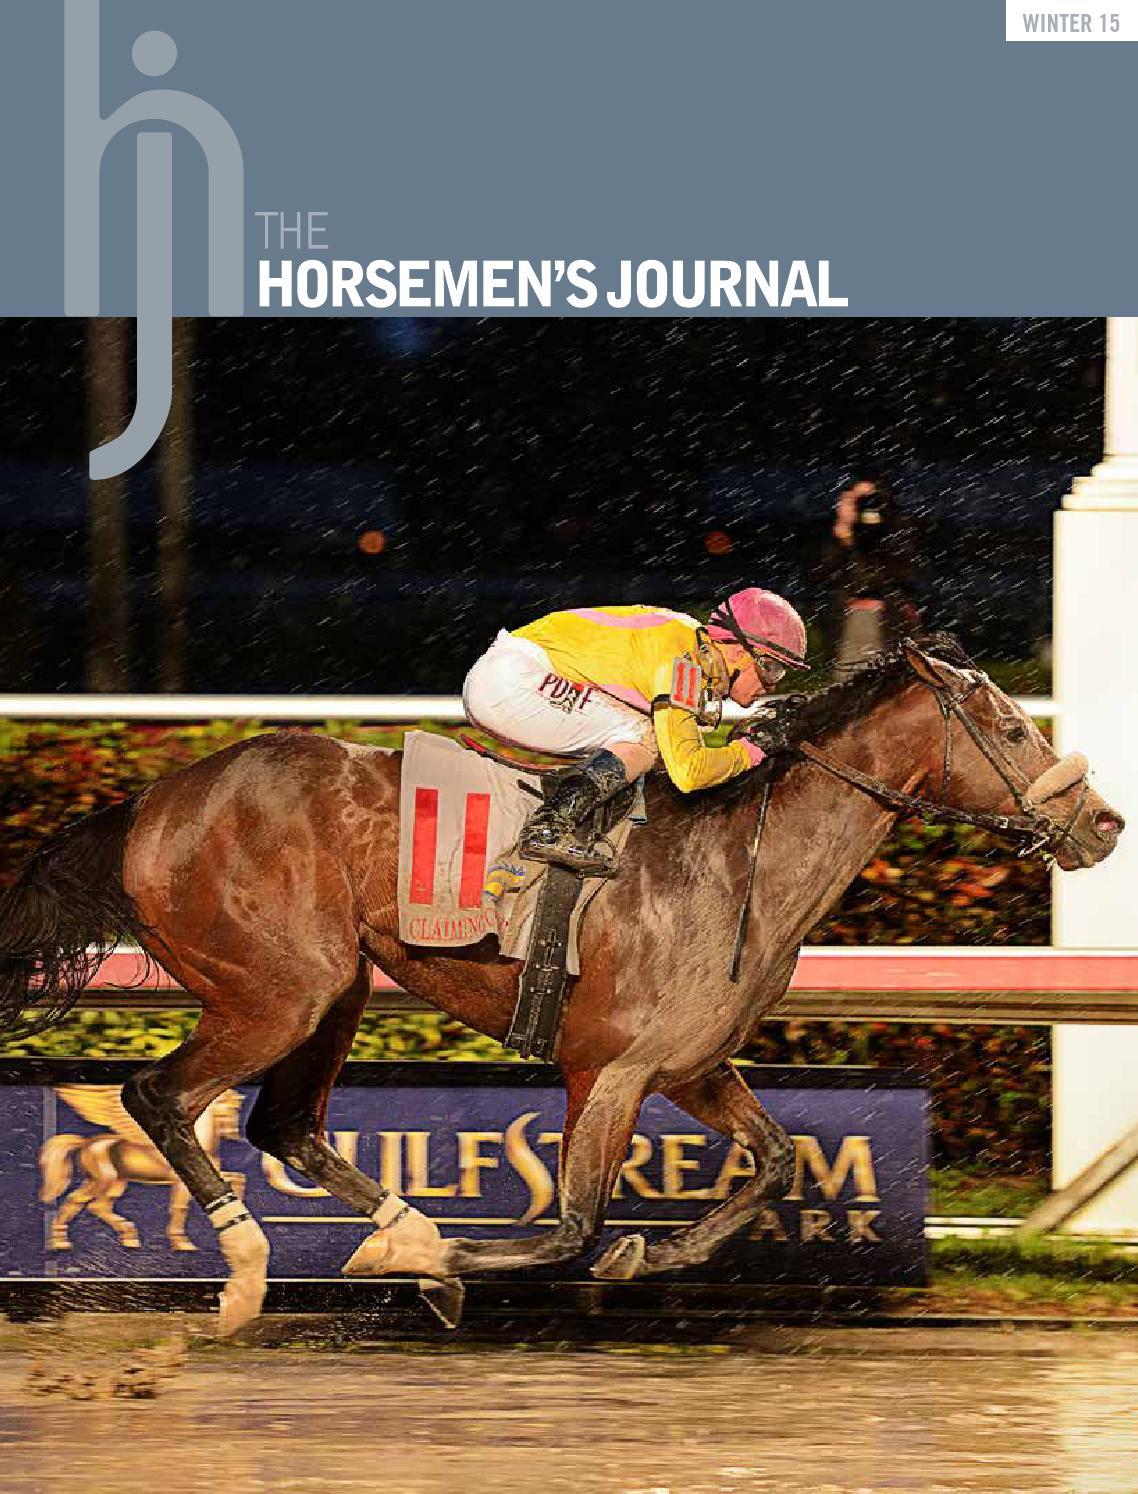 The Horsemens Journal